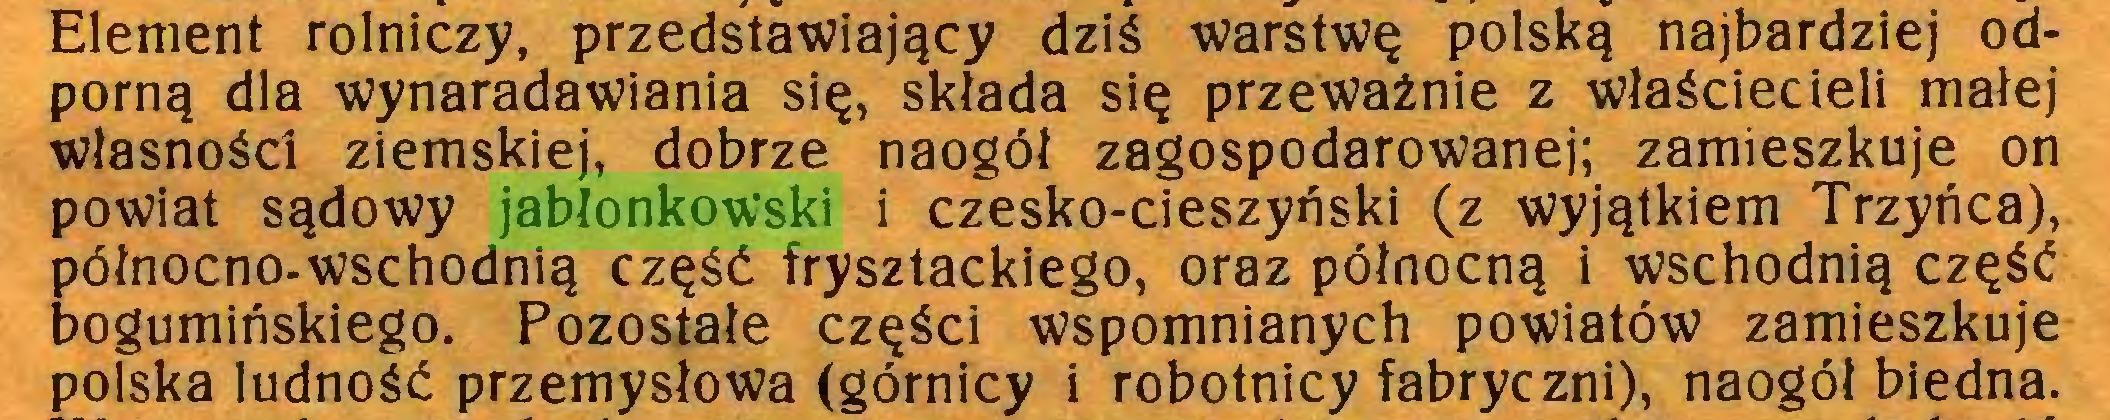 (...) Element rolniczy, przedstawiający dziś warstwę polską najbardziej odporną dla wynaradawiania się, składa się przeważnie z właściecieli małej własności ziemskiej, dobrze naogół zagospodarowanej; zamieszkuje on powiat sądowy jabłonkowski i czesko-cieszyński (z wyjątkiem Trzyńca), północno-wschodnią część frysztackiego, oraz północną i wschodnią część bogumińskiego. Pozostałe części wspomnianych powiatów zamieszkuje polska ludność przemysłowa (górnicy i robotnicy fabryczni), naogół biedna...